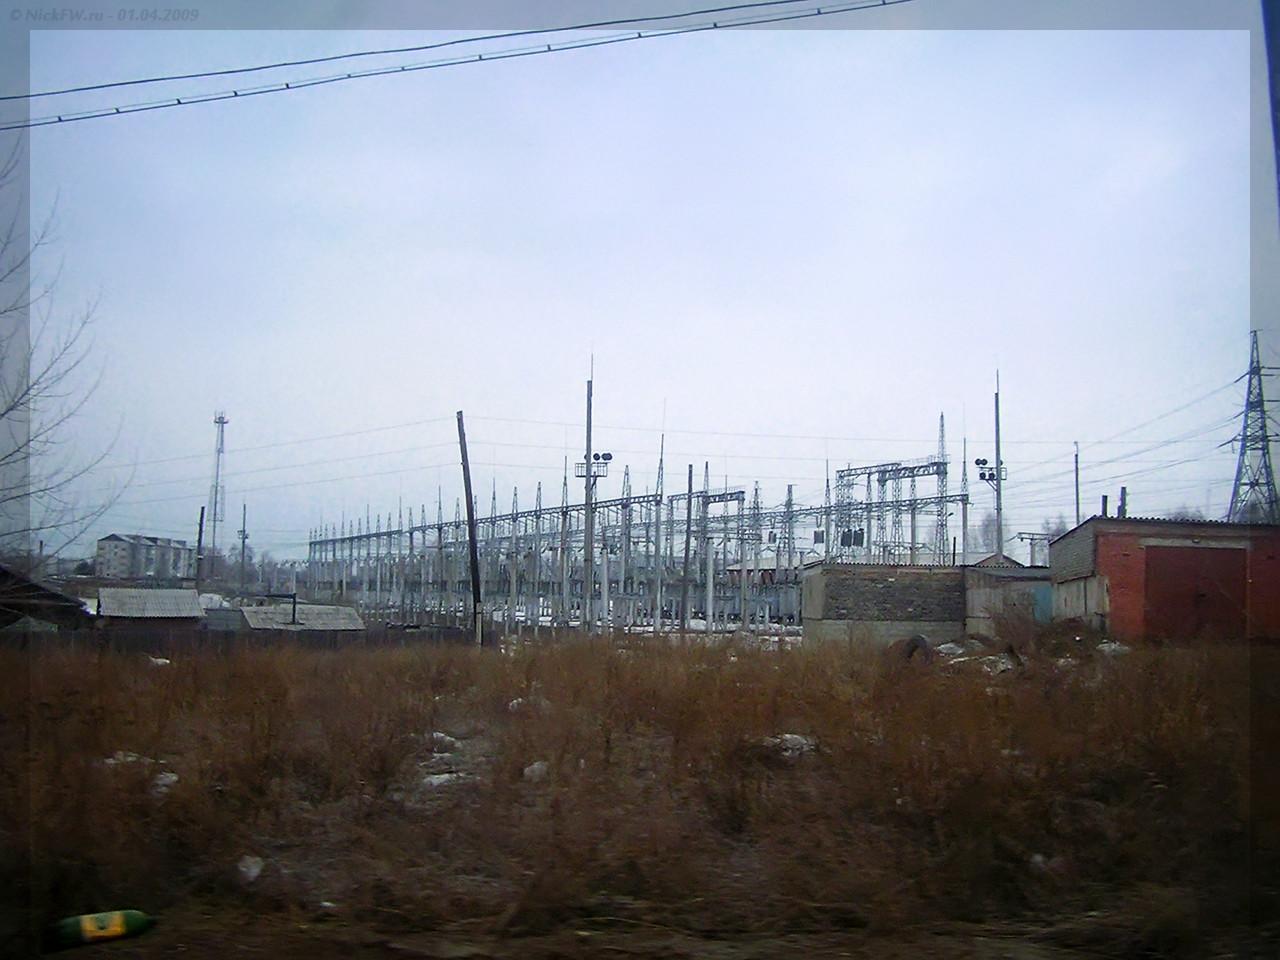 Электрическая подстанция ПС Опорная 110/10 кВ - Канск (© NickFW - 01.04.2009)